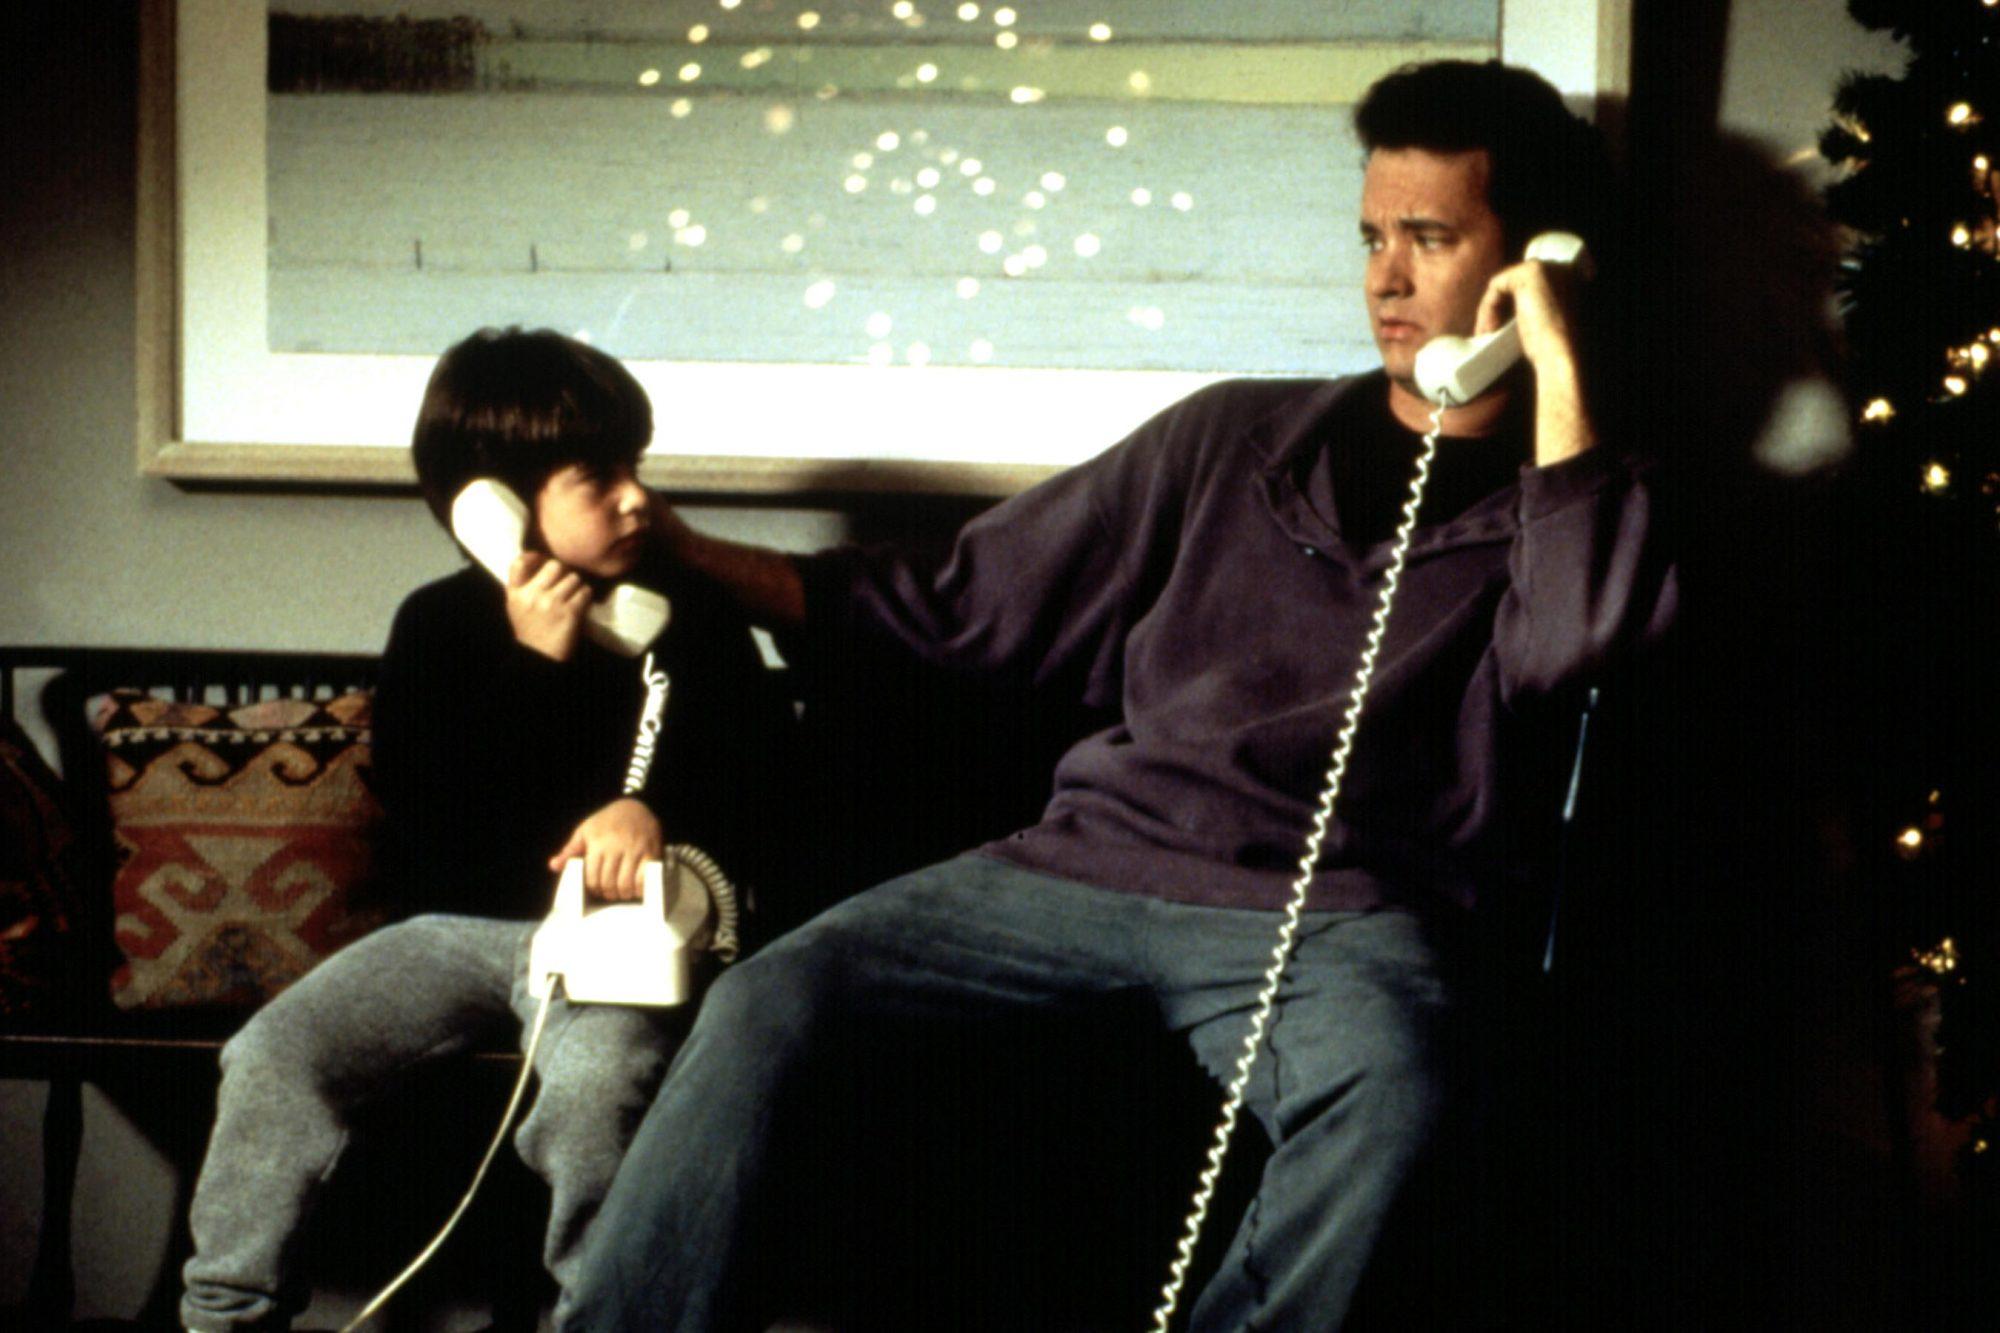 SLEEPLESS IN SEATTLE, Ross Malinger, Tom Hanks, 1993